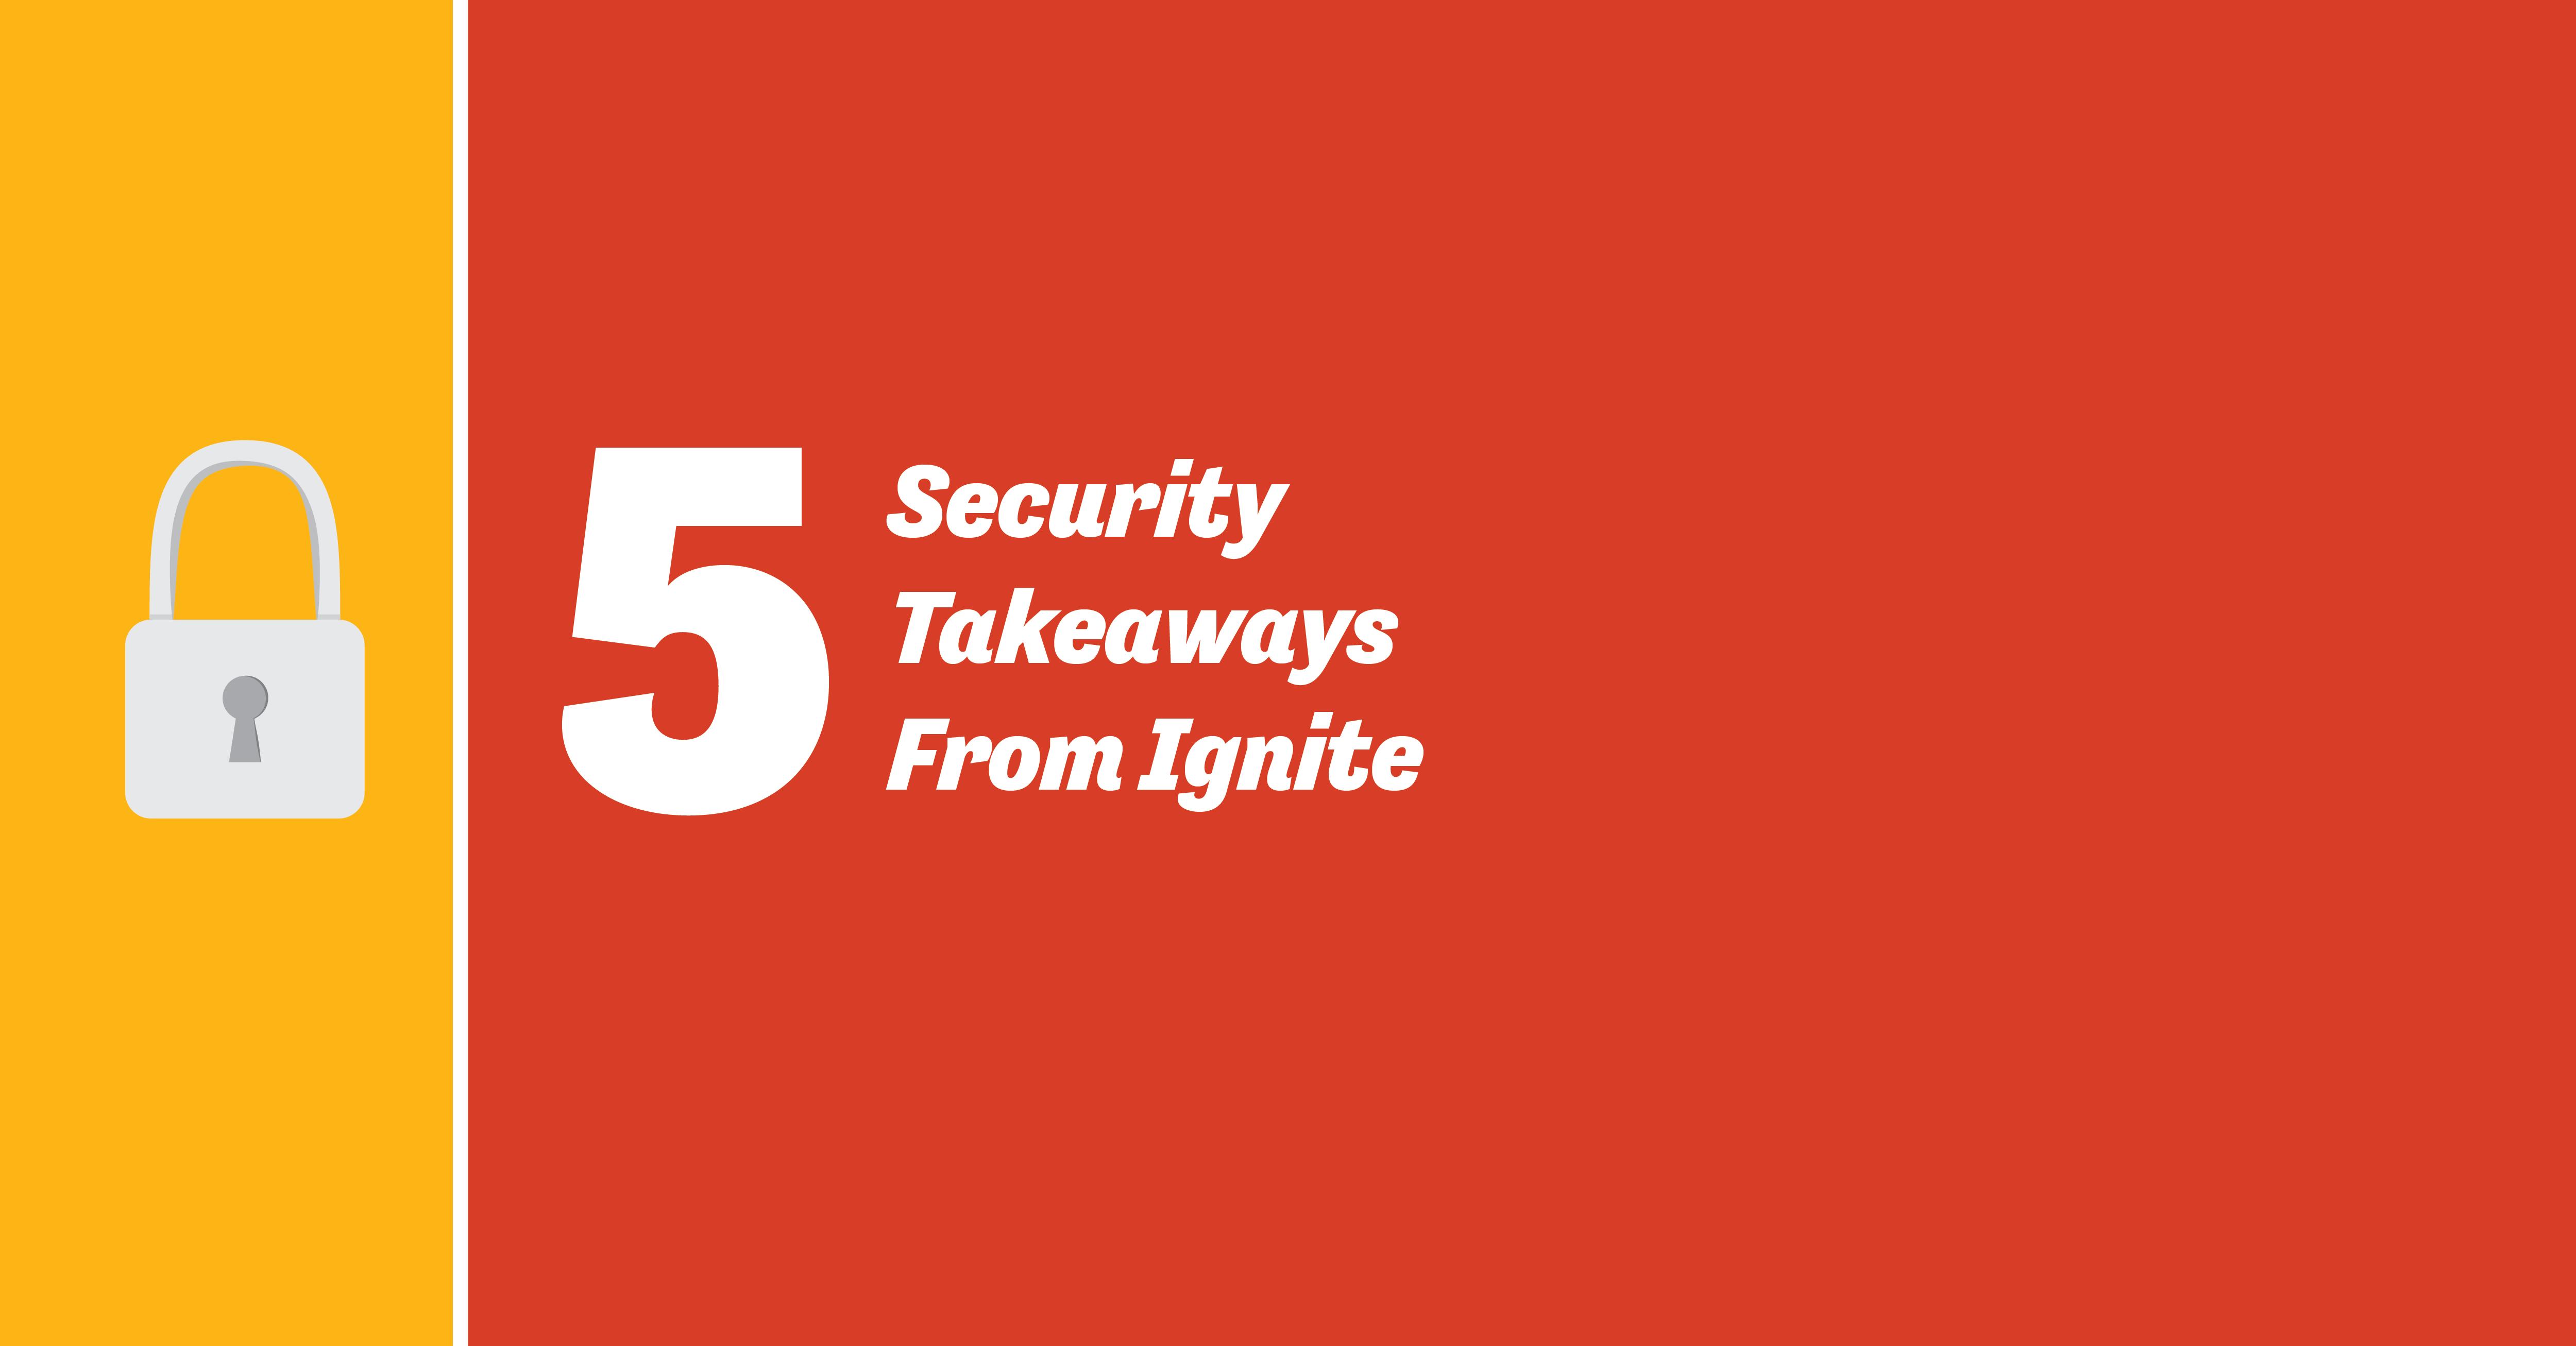 SecurityTakeaways-01.png